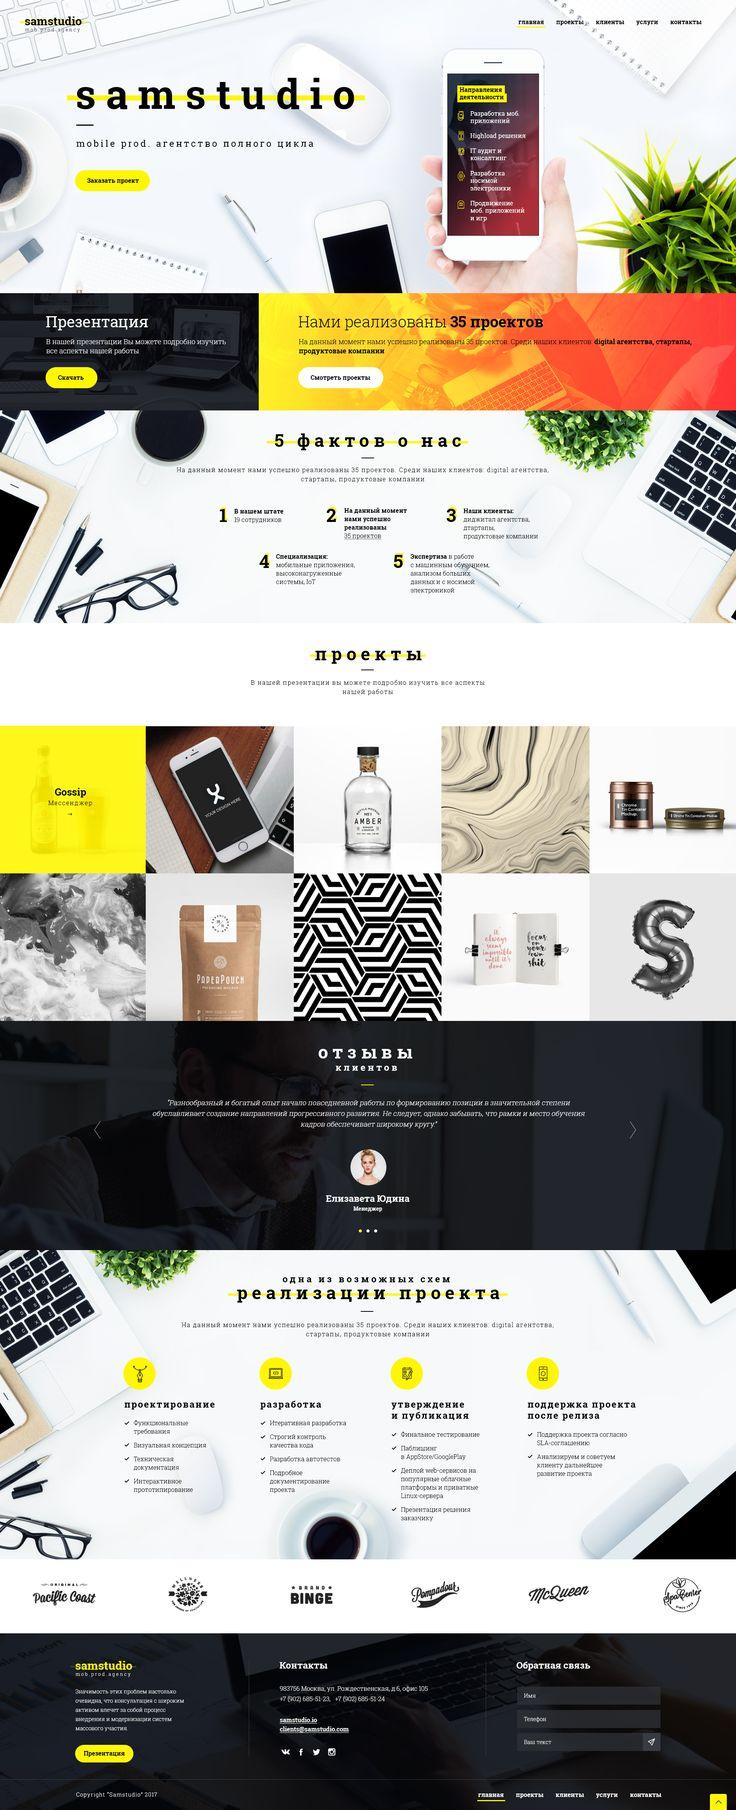 Адаптивный дизайн лендинга для mobile production агентства - Samstudio